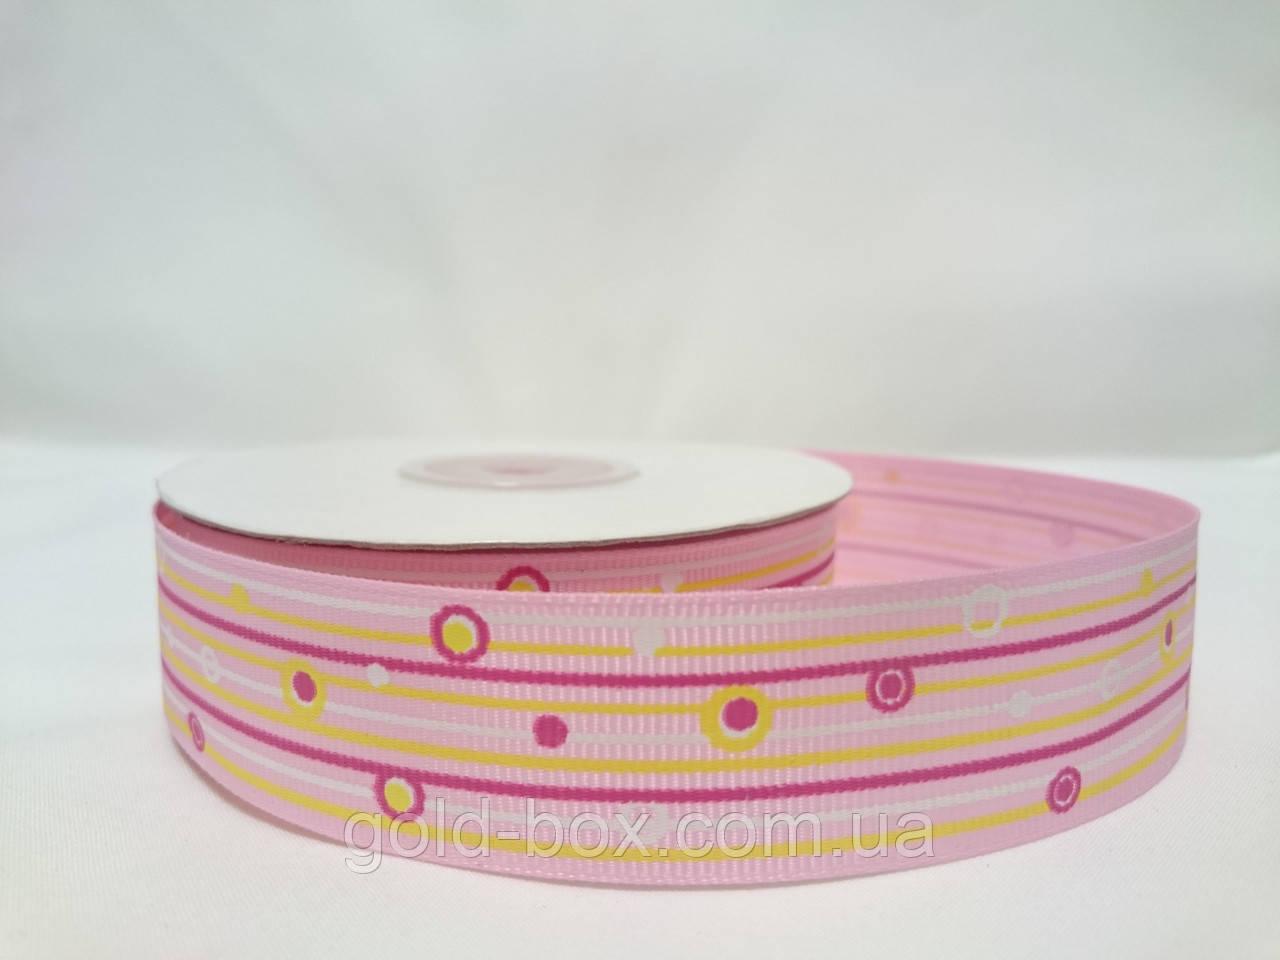 """Репсова стрічка з малюнком 2,5 см світло-рожева """"Фантазія"""""""